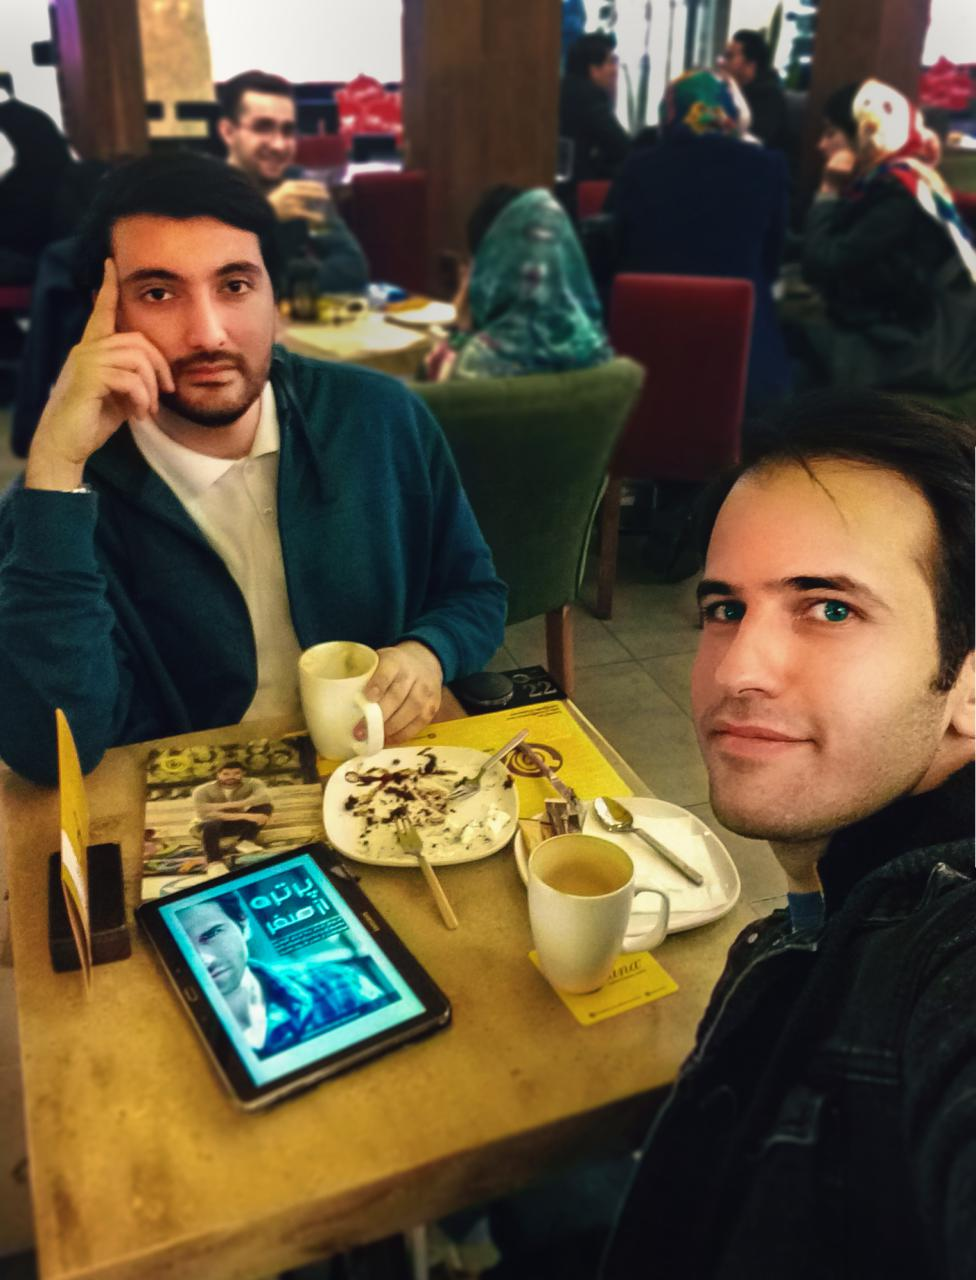 جلسه کاری دکتر یوسفیان و مهندس رضاصاد برای پروژه تبلیغاتی بین المللی